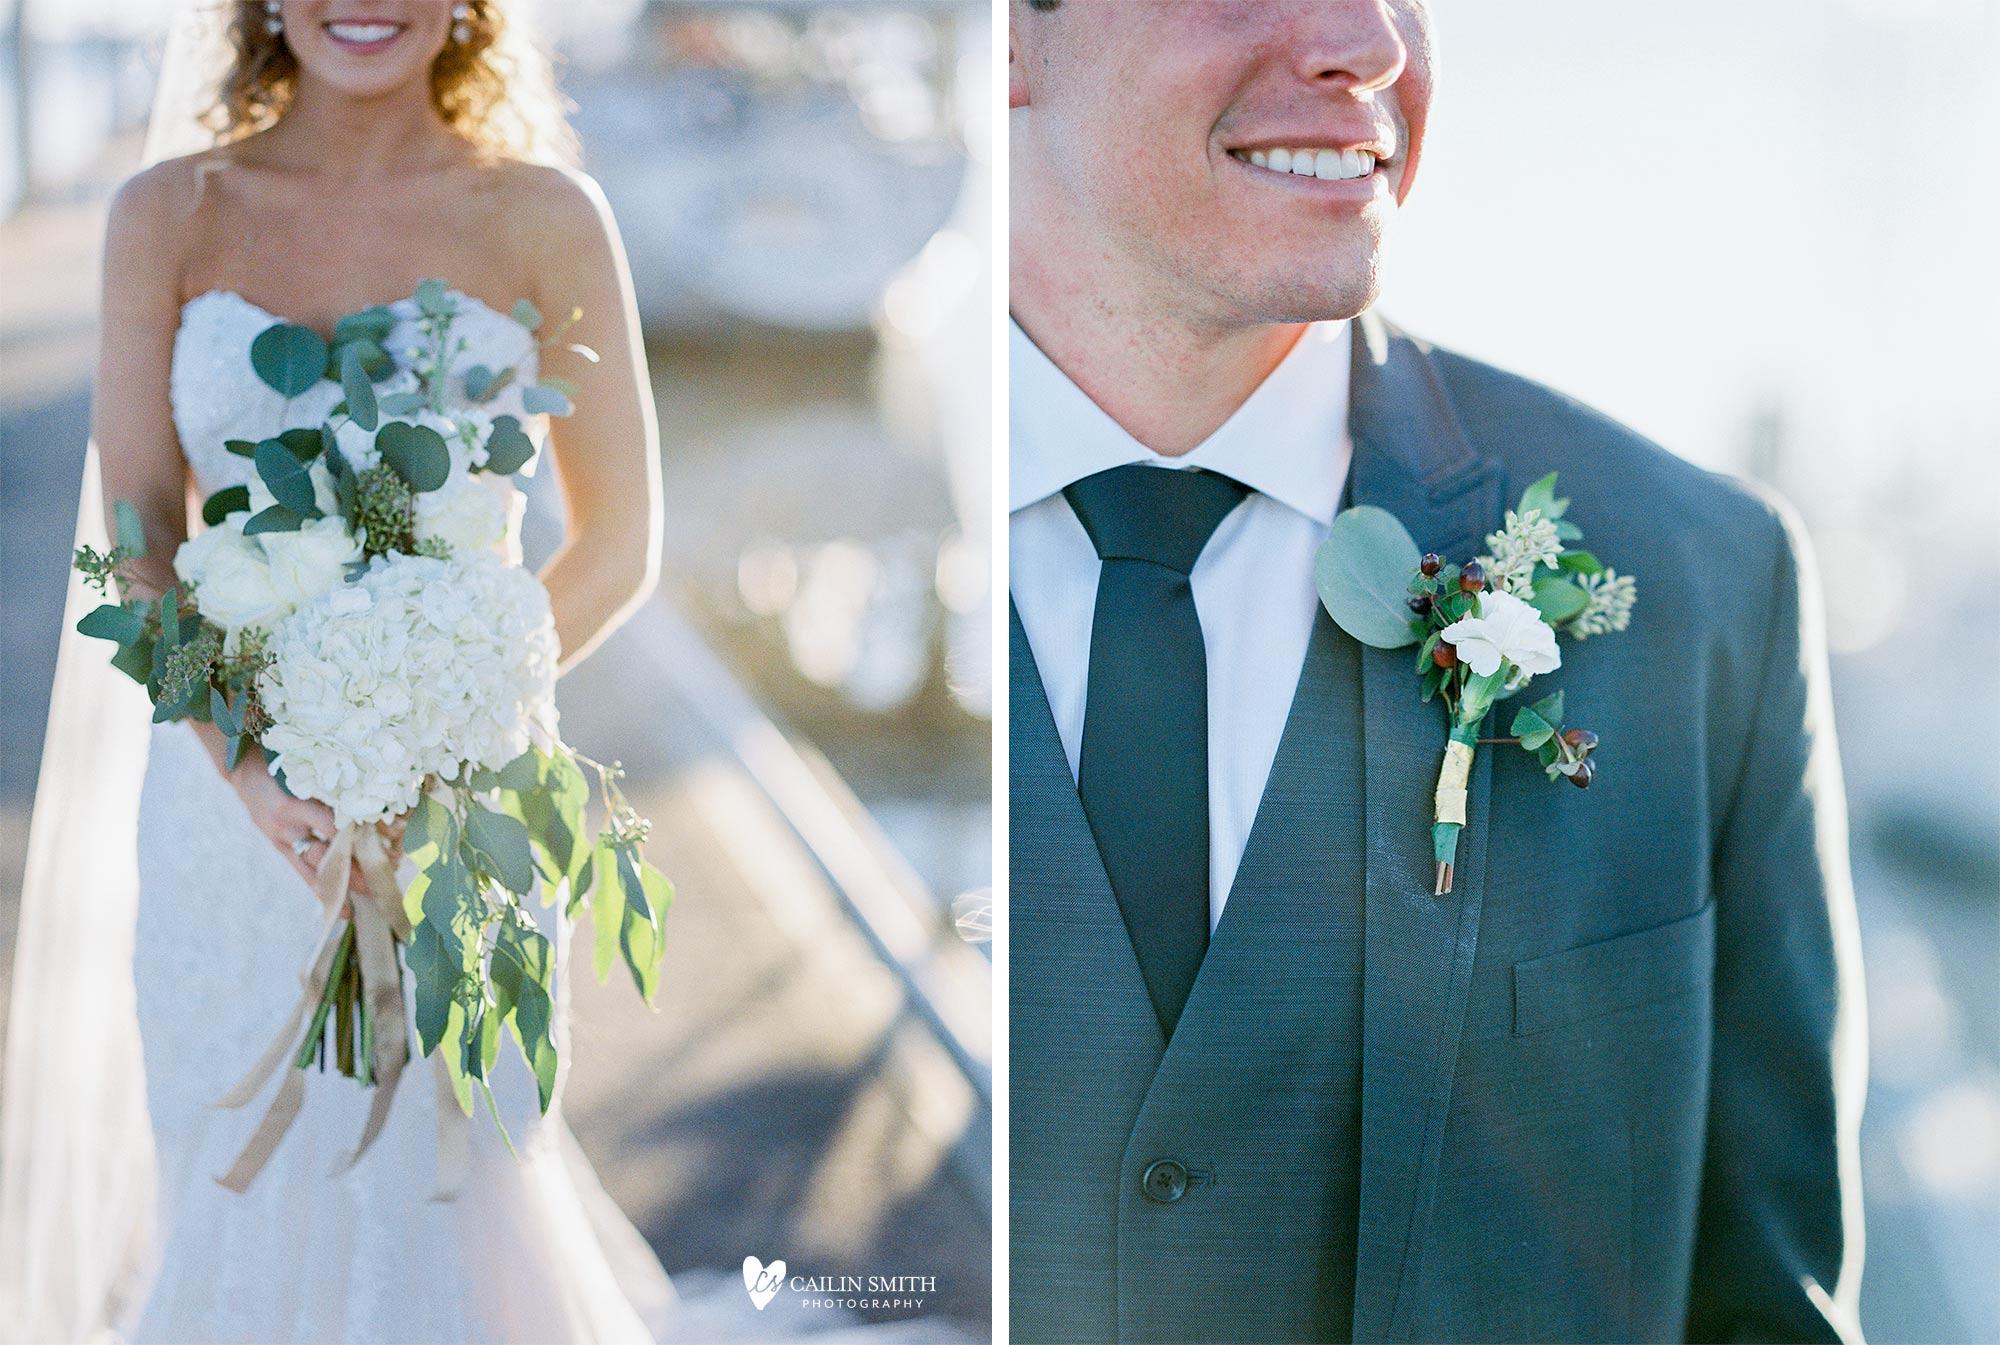 Leah_Major_St_Marys_Wedding_Photography_084.jpg